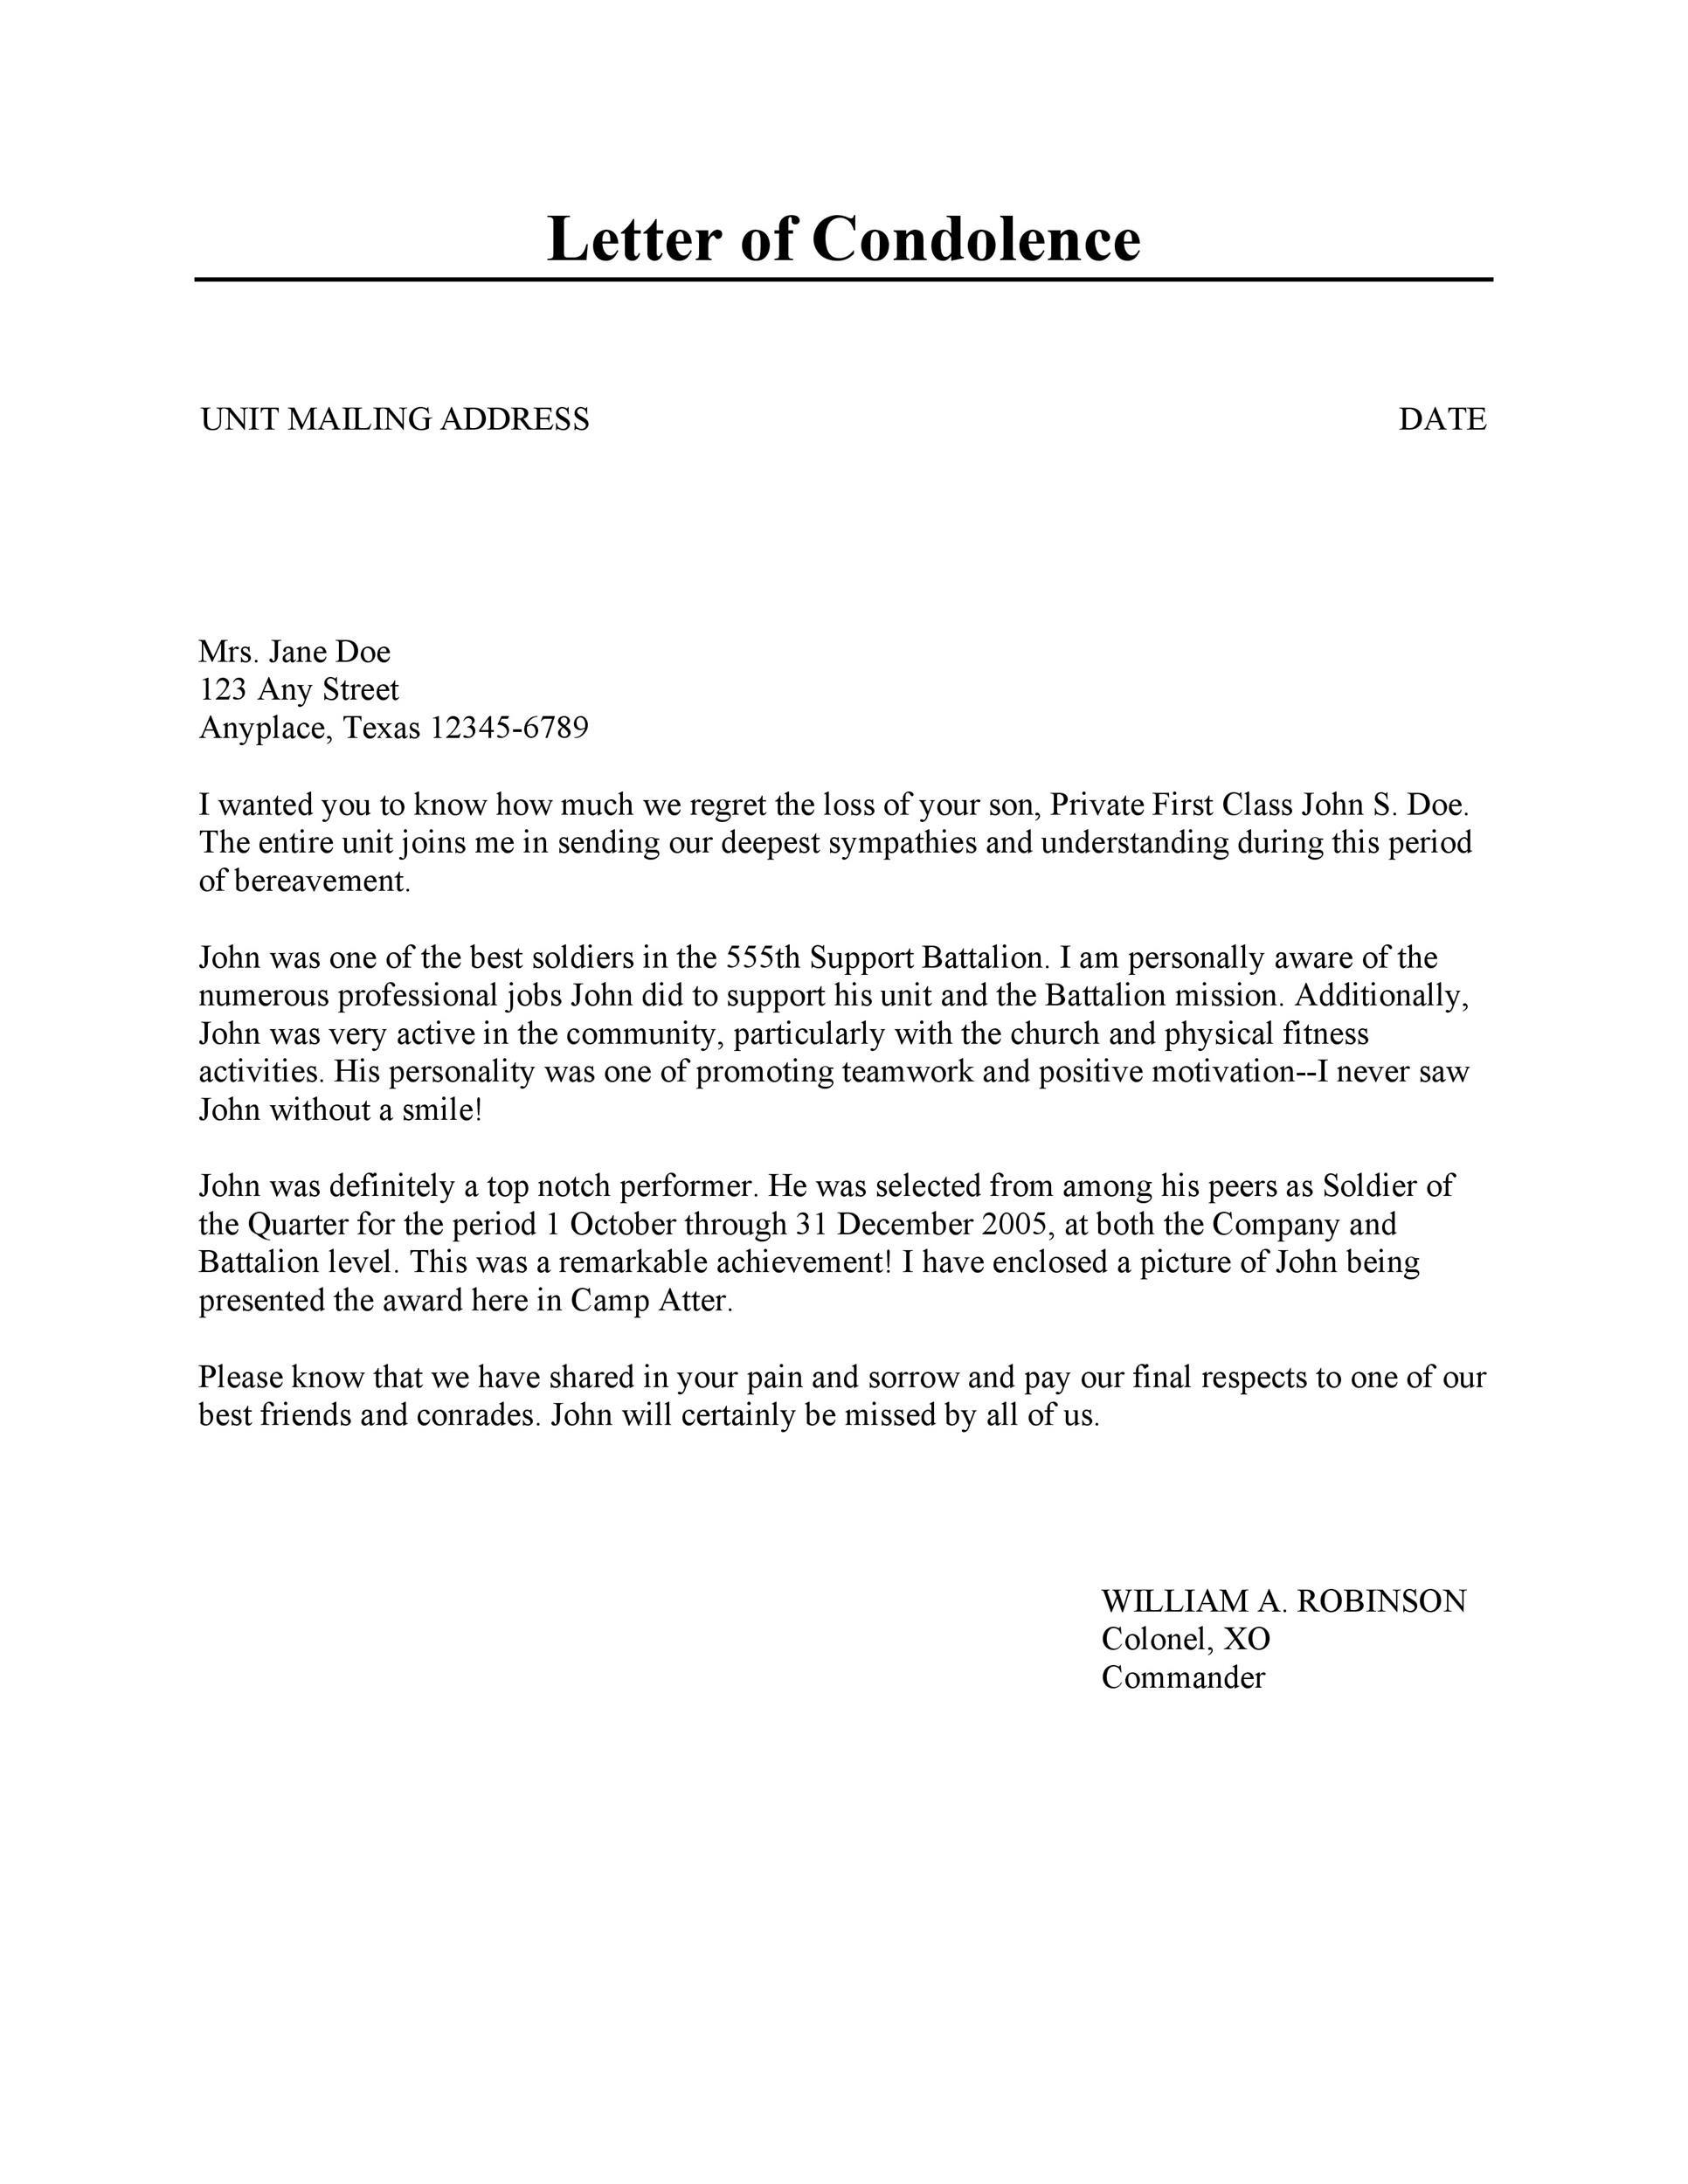 Free condolence letter 32